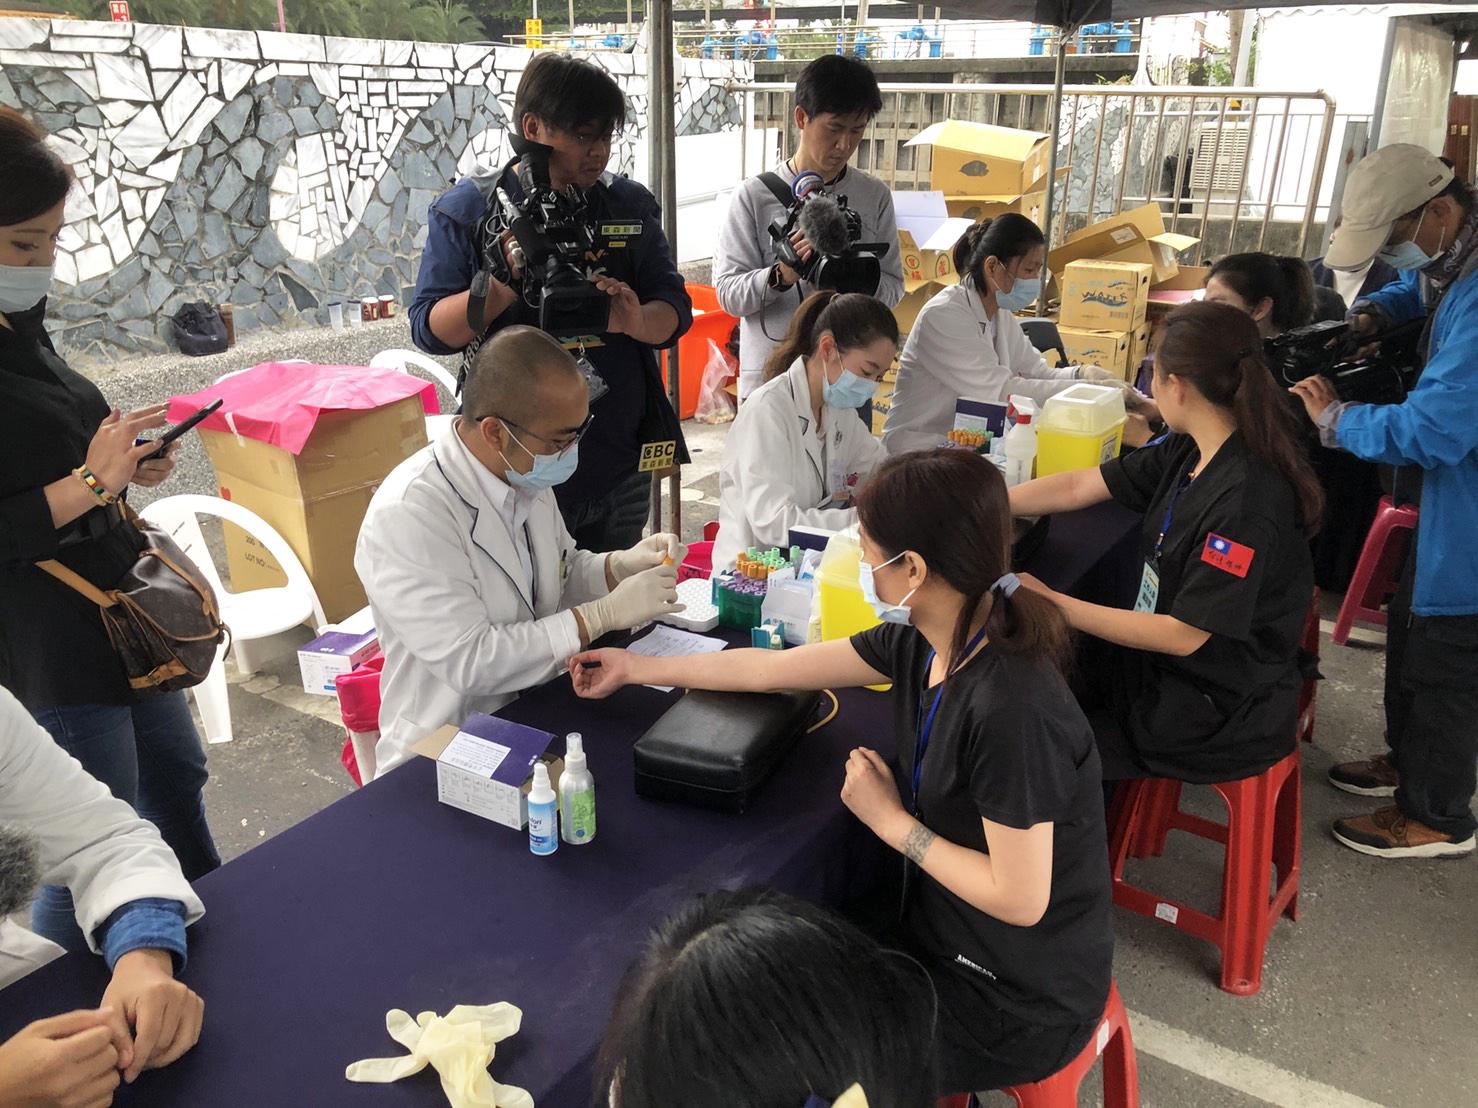 下午四點幫76行者,逐一抽血建立健康檔案。